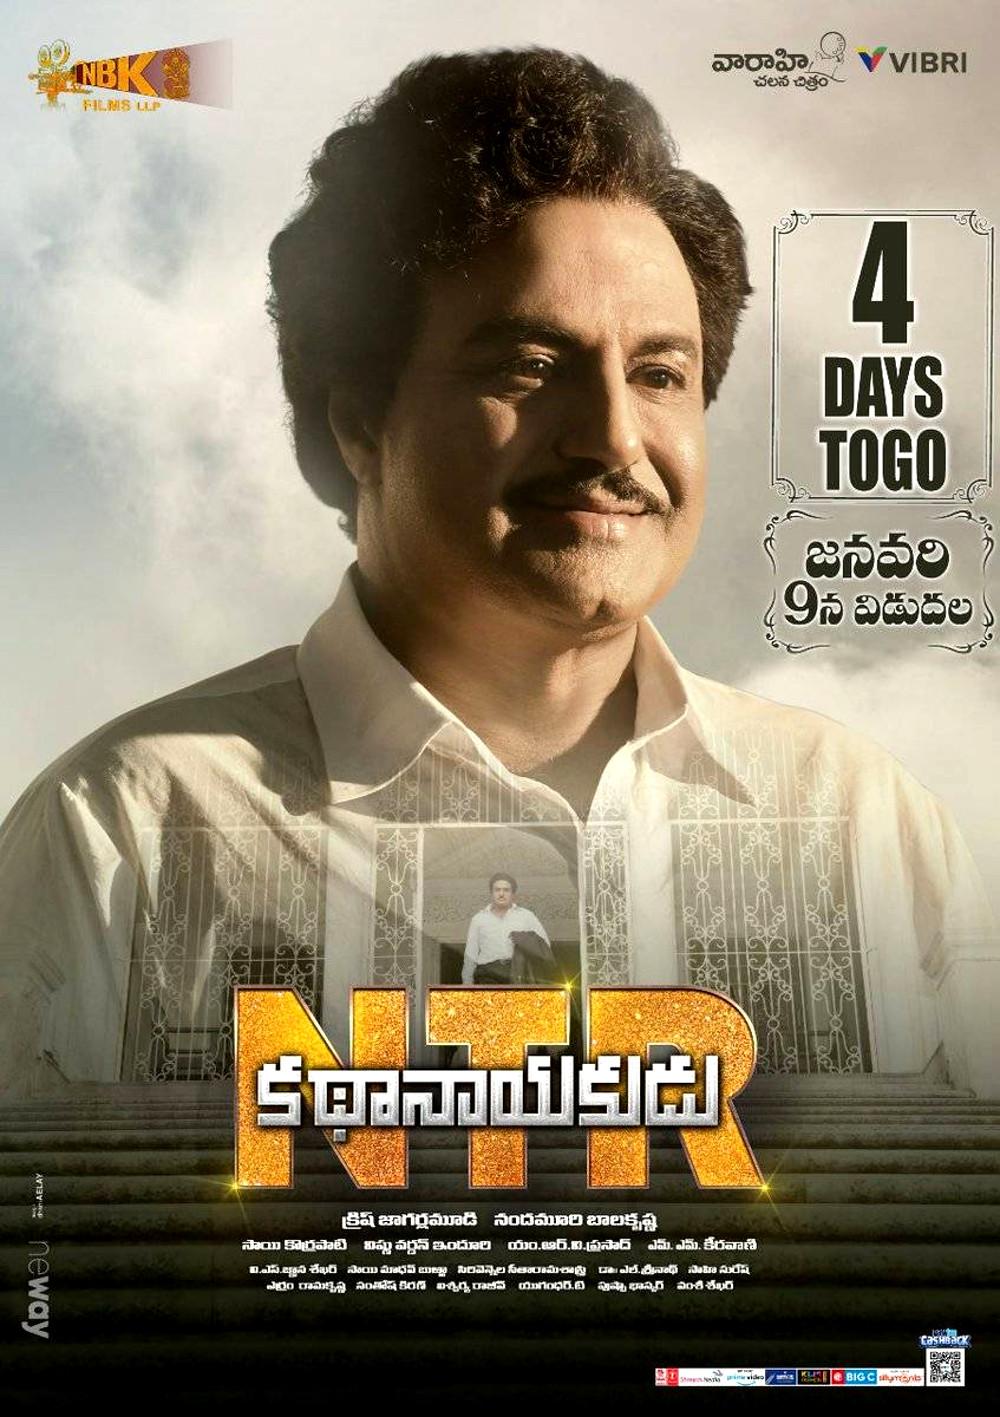 Nandamuri Balakrishna NTR KathaNayakudu 4 days to go Poster